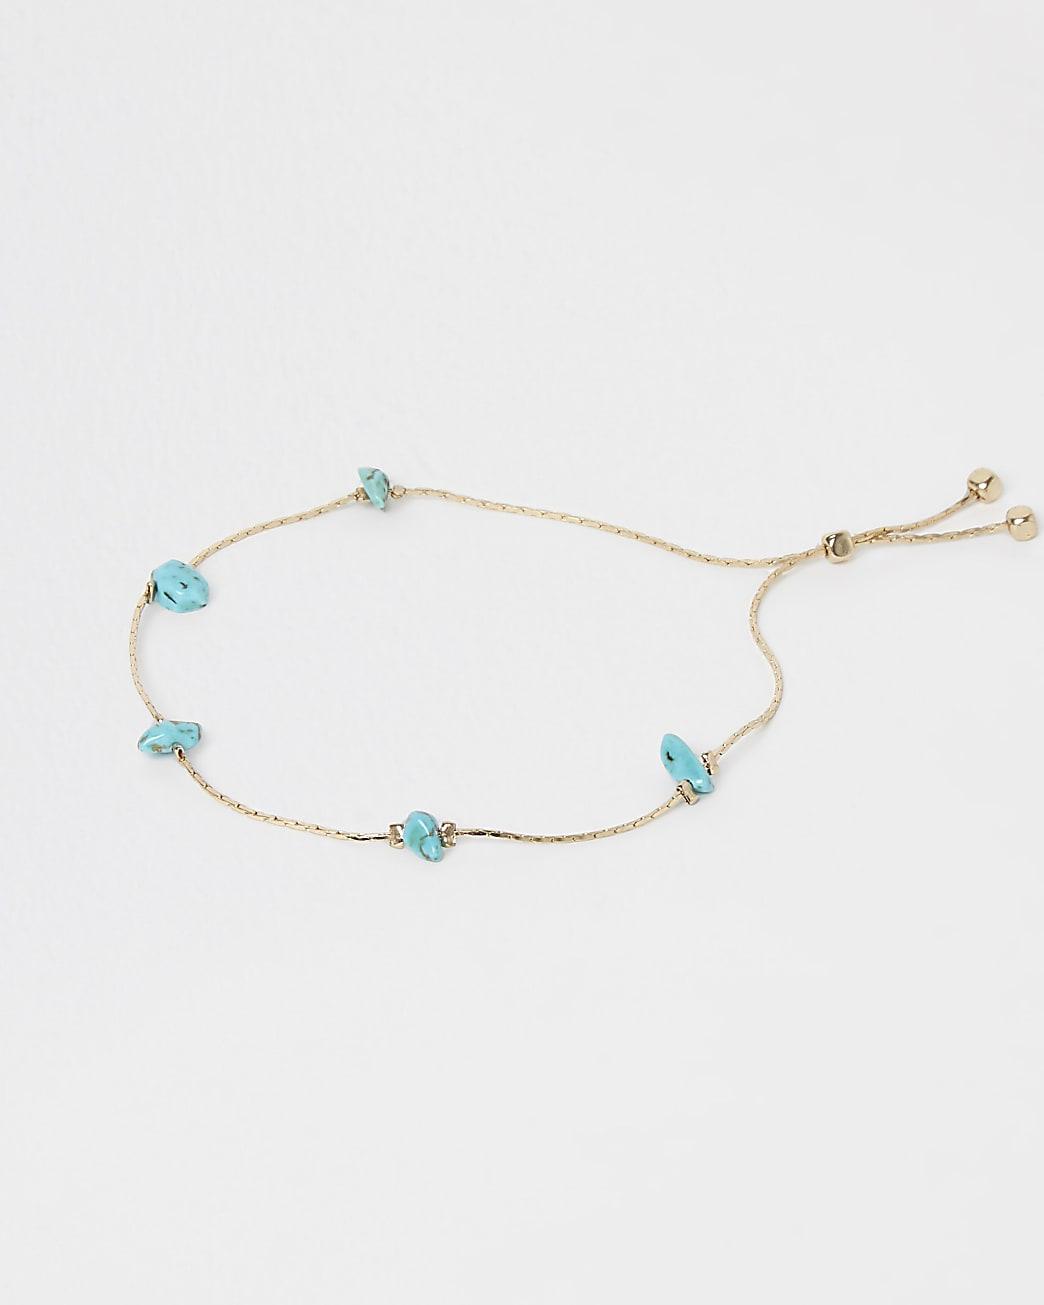 Gold turquoise stone bracelet